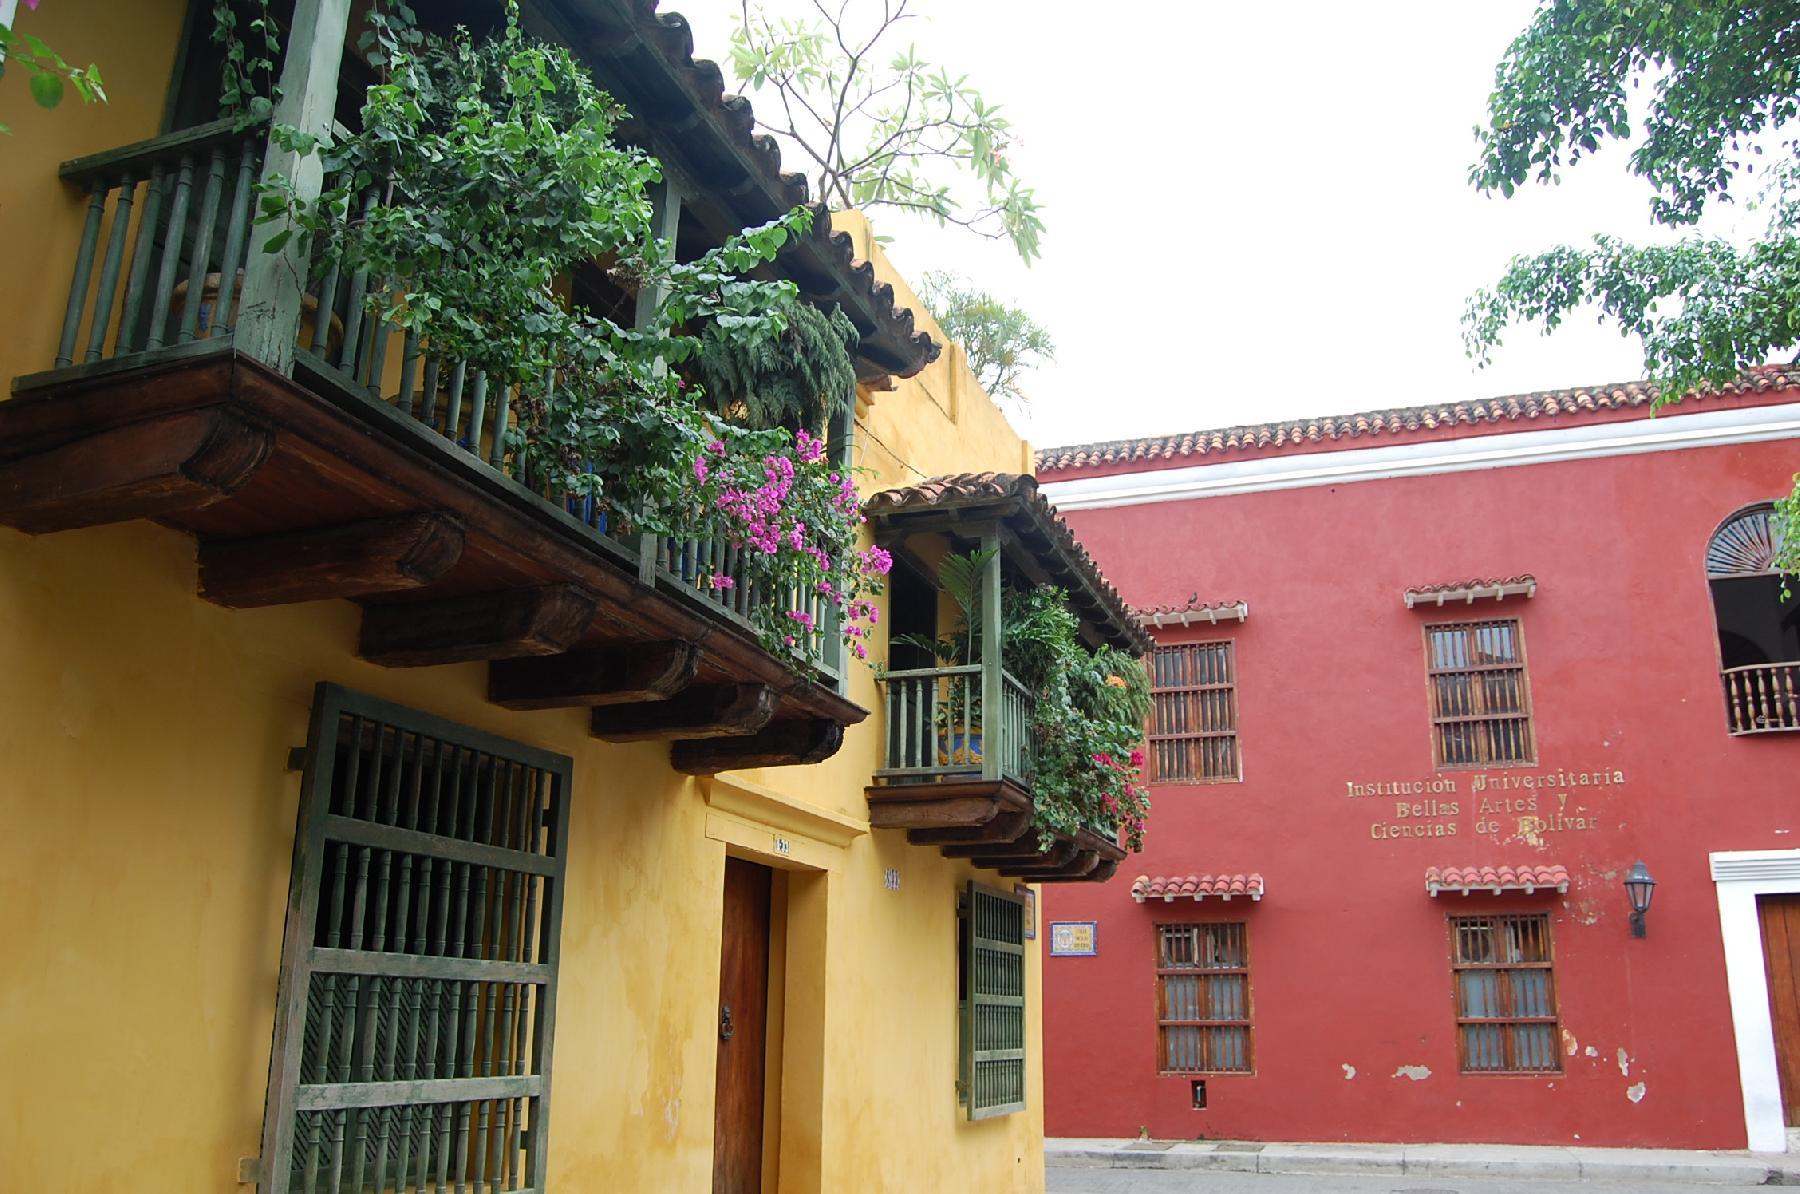 CARTAGENA EL CENTRO SAN DIEGO PLAZA HOUSE